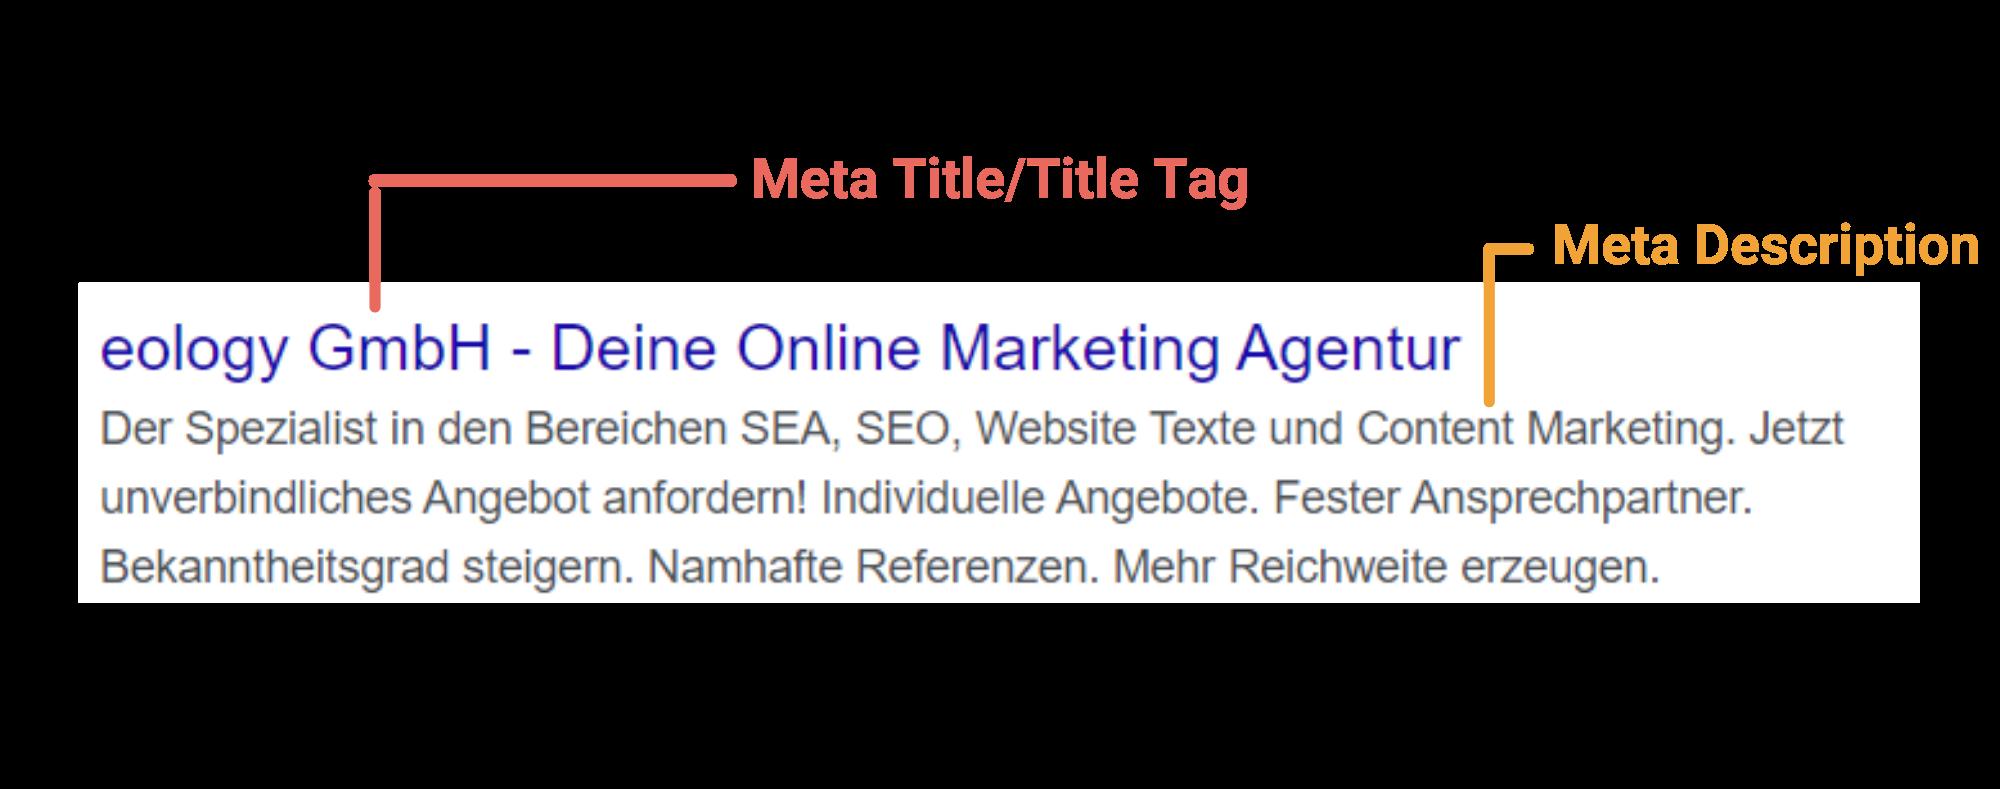 Die Grafik zeigt den Aufbau der Metadaten am Beispiel von eology in den Google SERPs. Als Meta Title/Title Tag wird eology GmbH - Deine Online Marketing Agentur angezeigt. In der Meta Description steht: Der Spezialist in den Bereichen SEA, SEO, Website Texte und Content Marketing. Jetzt unverbindliches Angebot anfordern! Individuelle Angebote. Fester Ansprechpartner. Bekanntheitsgrad steigern. Namhafte Referenzen. Mehr Reichweite erzeugen.